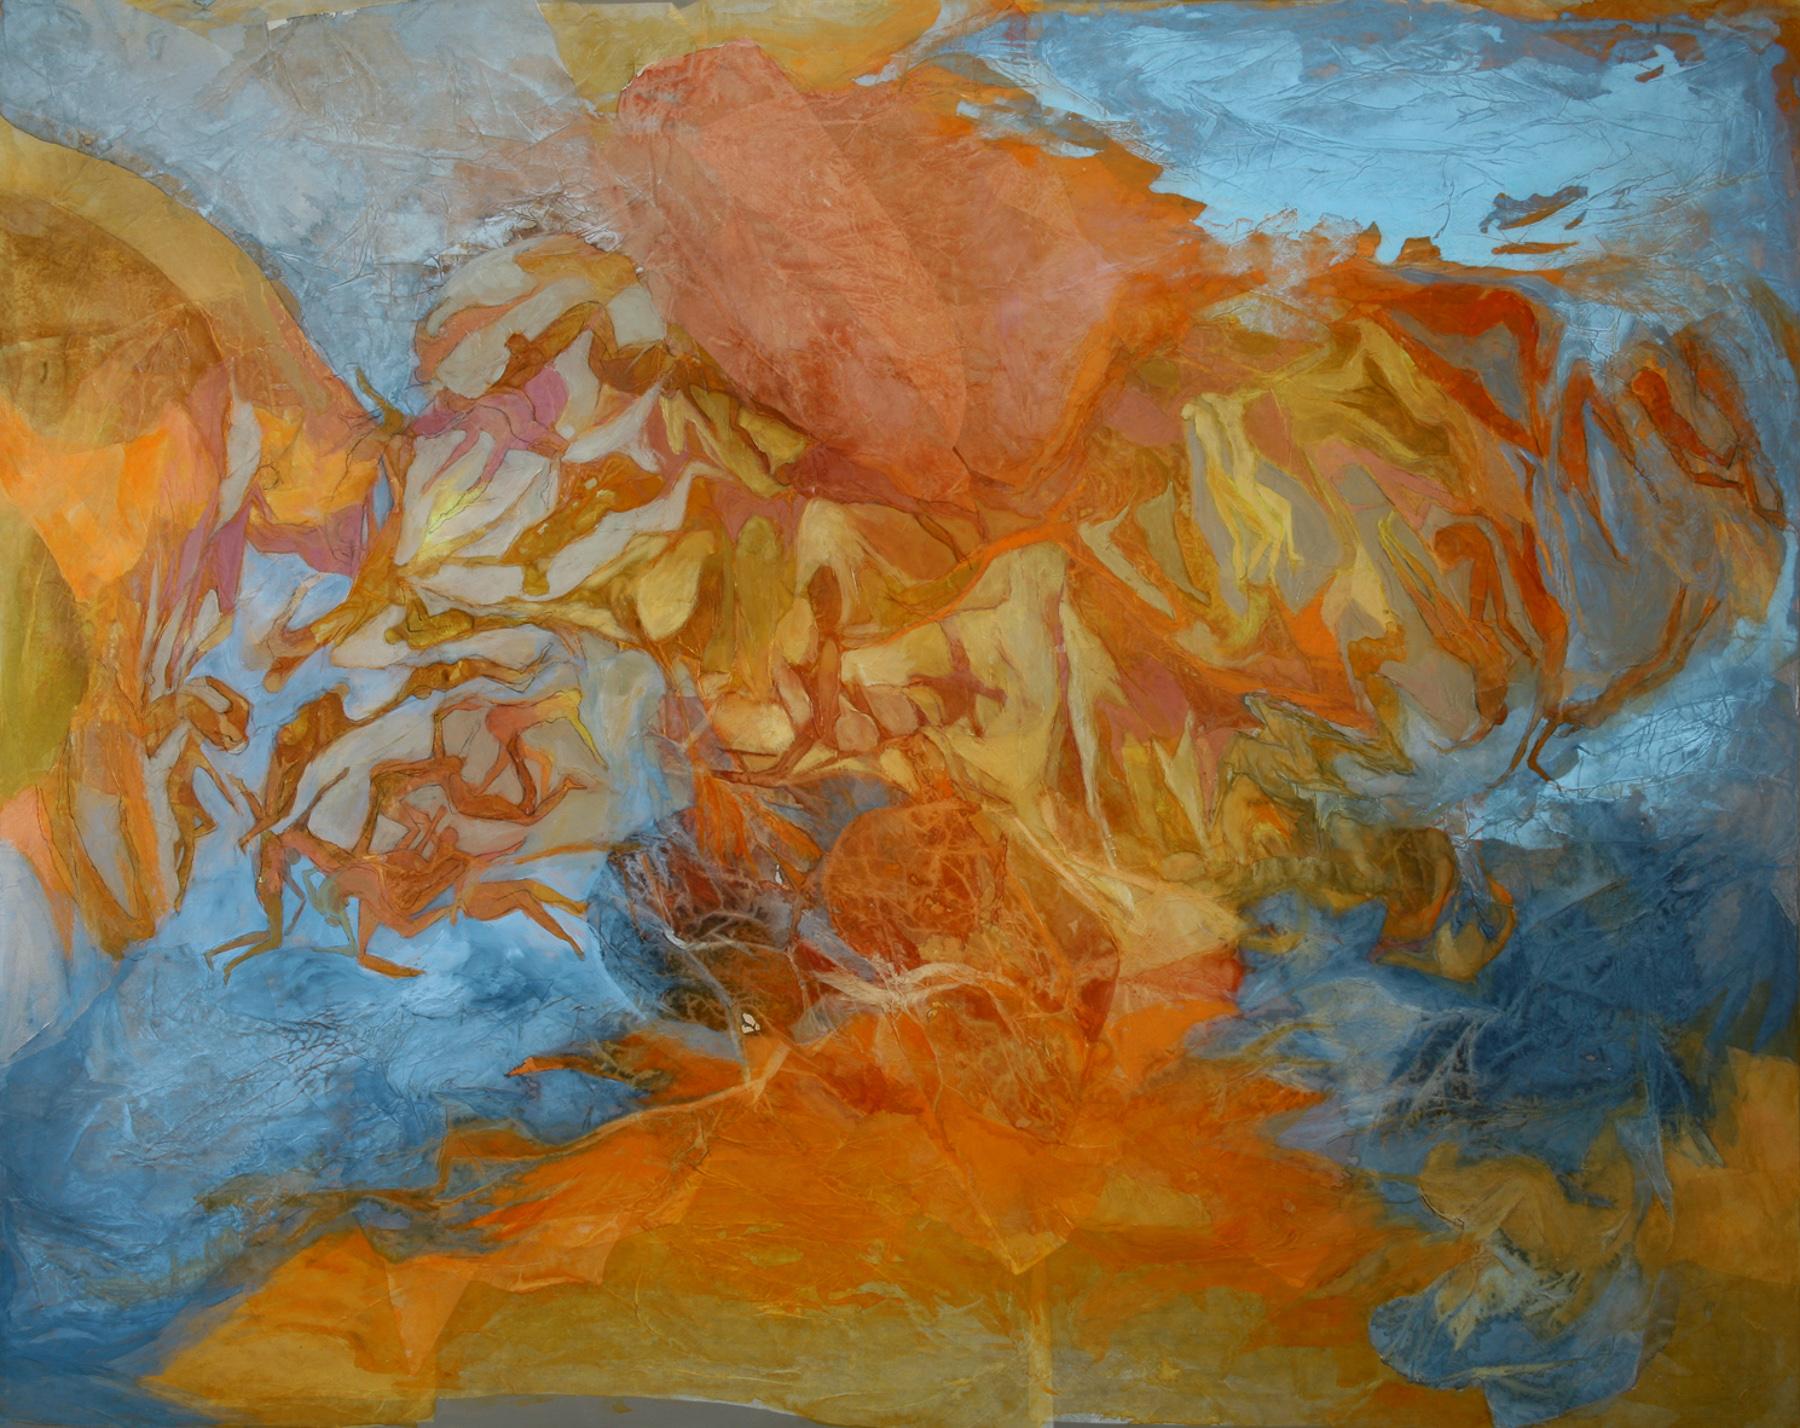 El mar sin océano, ni silencio - Técnica mixta sobre tela - 120 x 150 cm